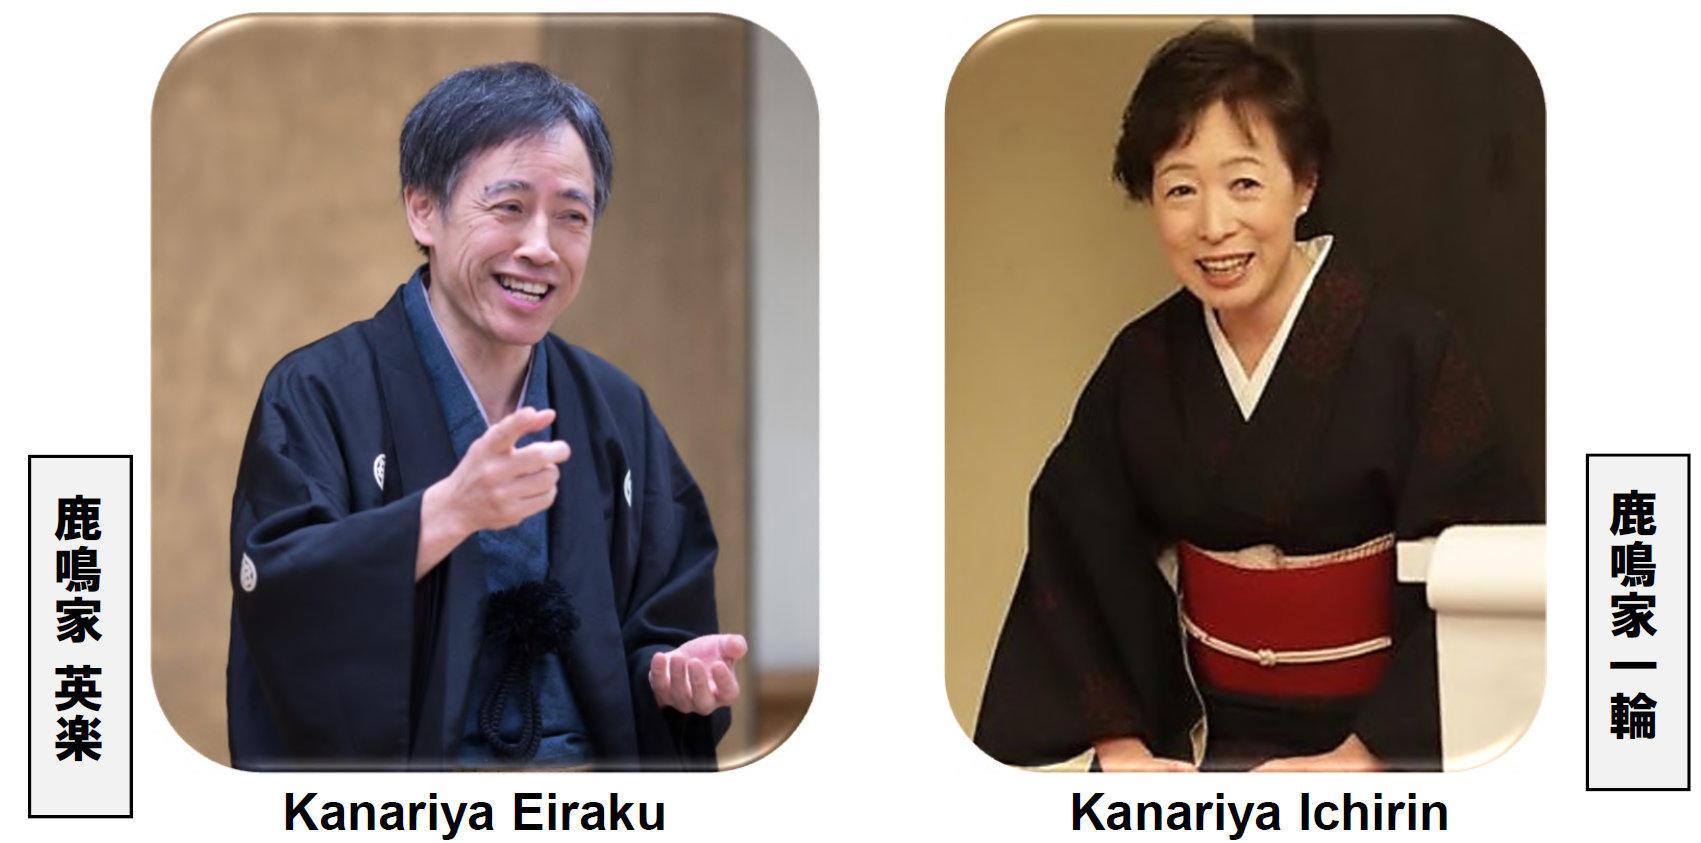 神田外語グループ 神田外語キャリアカレッジが9月24日に''English Rakugo Show''(英語落語)を開催